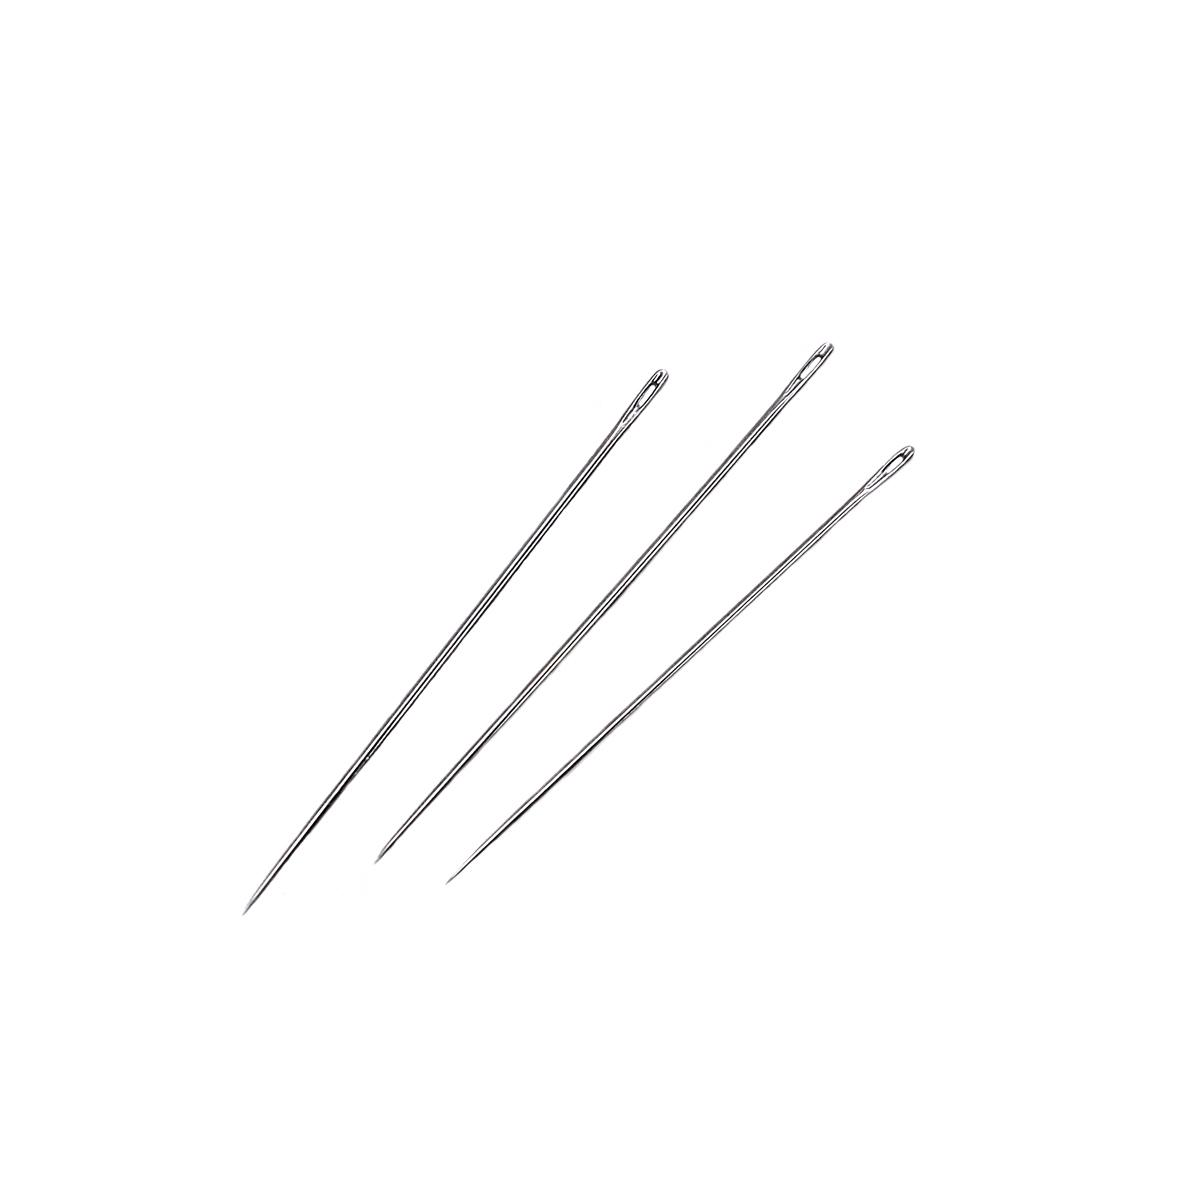 Иглы ручные универсальные, 120103, №5-10, 16 шт., Hobby&Pro